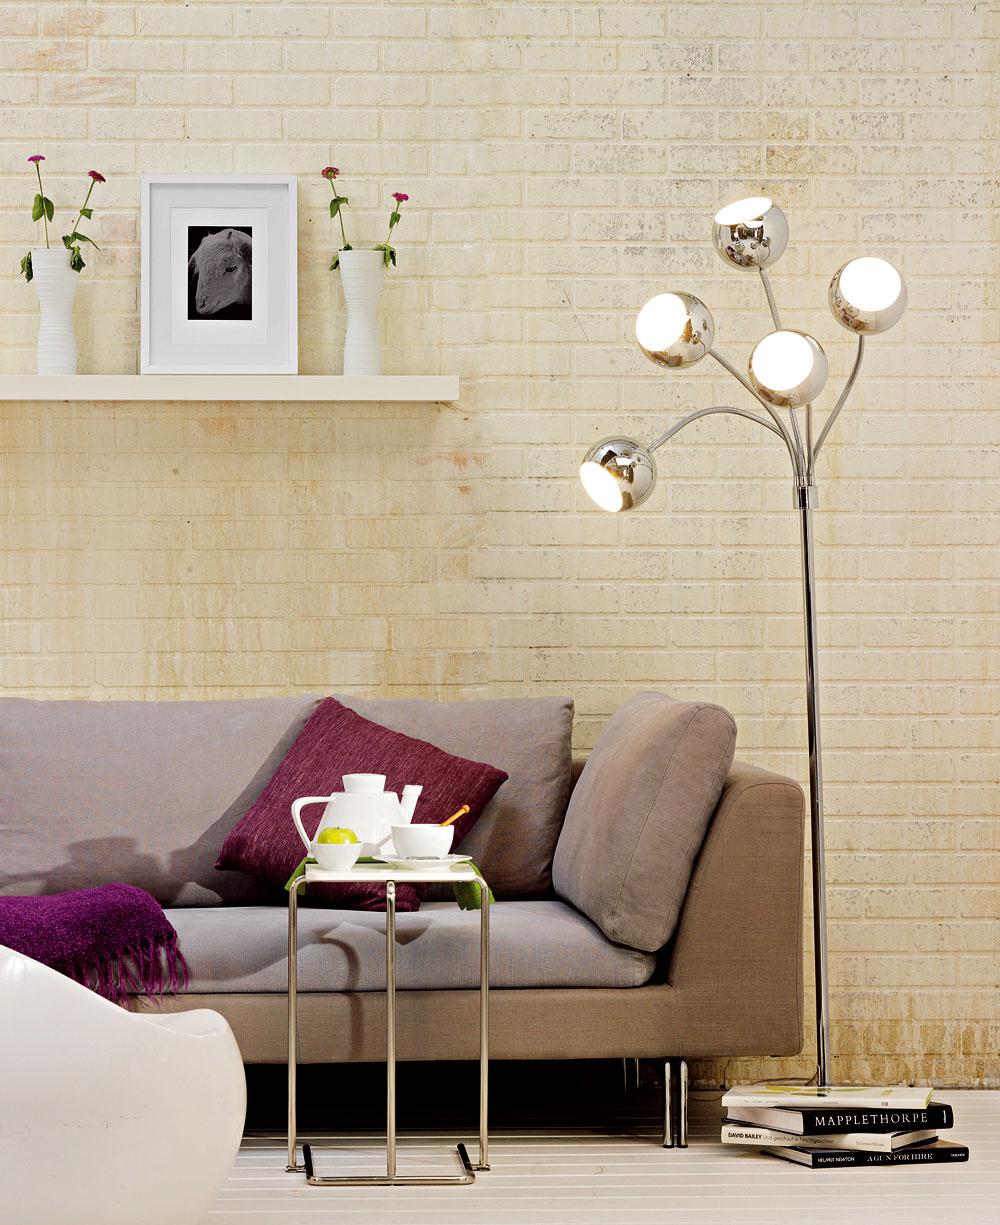 Do úlohy excentrického solitéra môžete poľahky obsadiť aj svietidlo. Avrámci ekonomickosti nezabudnite na používanie úsporných svetelných zdrojov, ktoré sa vobývacej izbe naplno uplatnia, keďže je to priestor, kde môžu svietiť dlhšie (čiže sa nenamáhajú častým vypínaním azapínaním ako napríklad vo vstupnej chodbe).